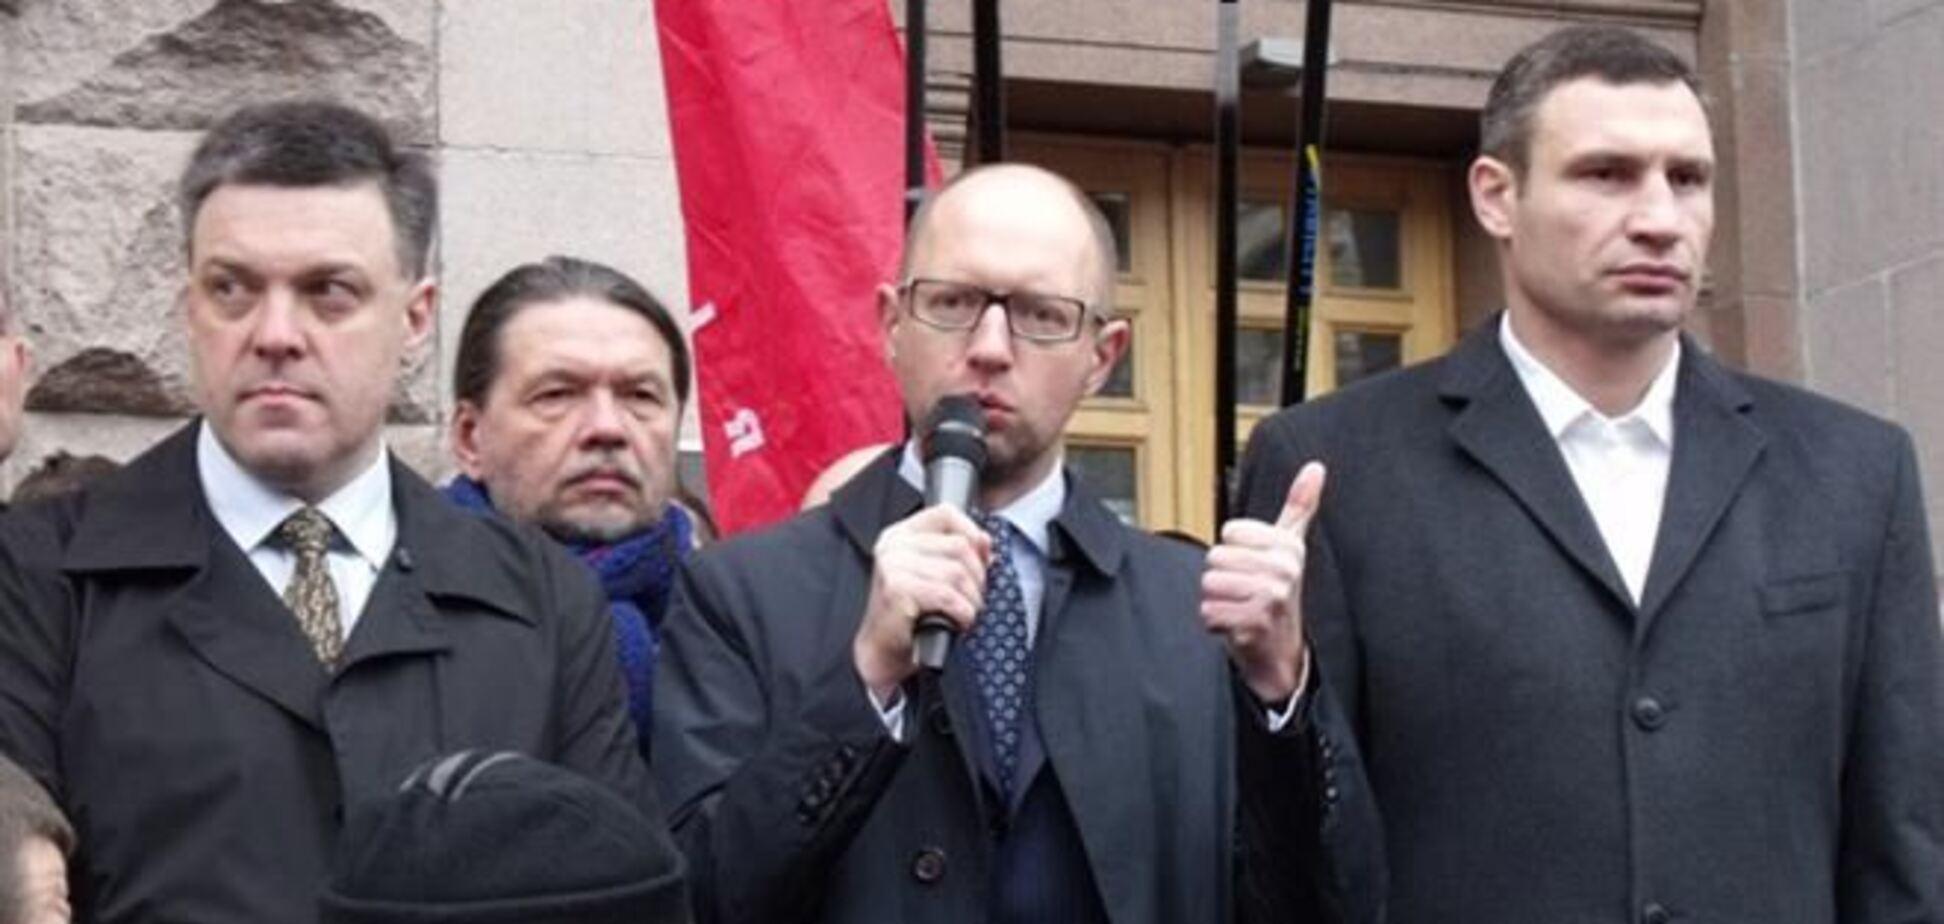 Яценюк получил прекрасный шанс избавиться от Кличко – политолог